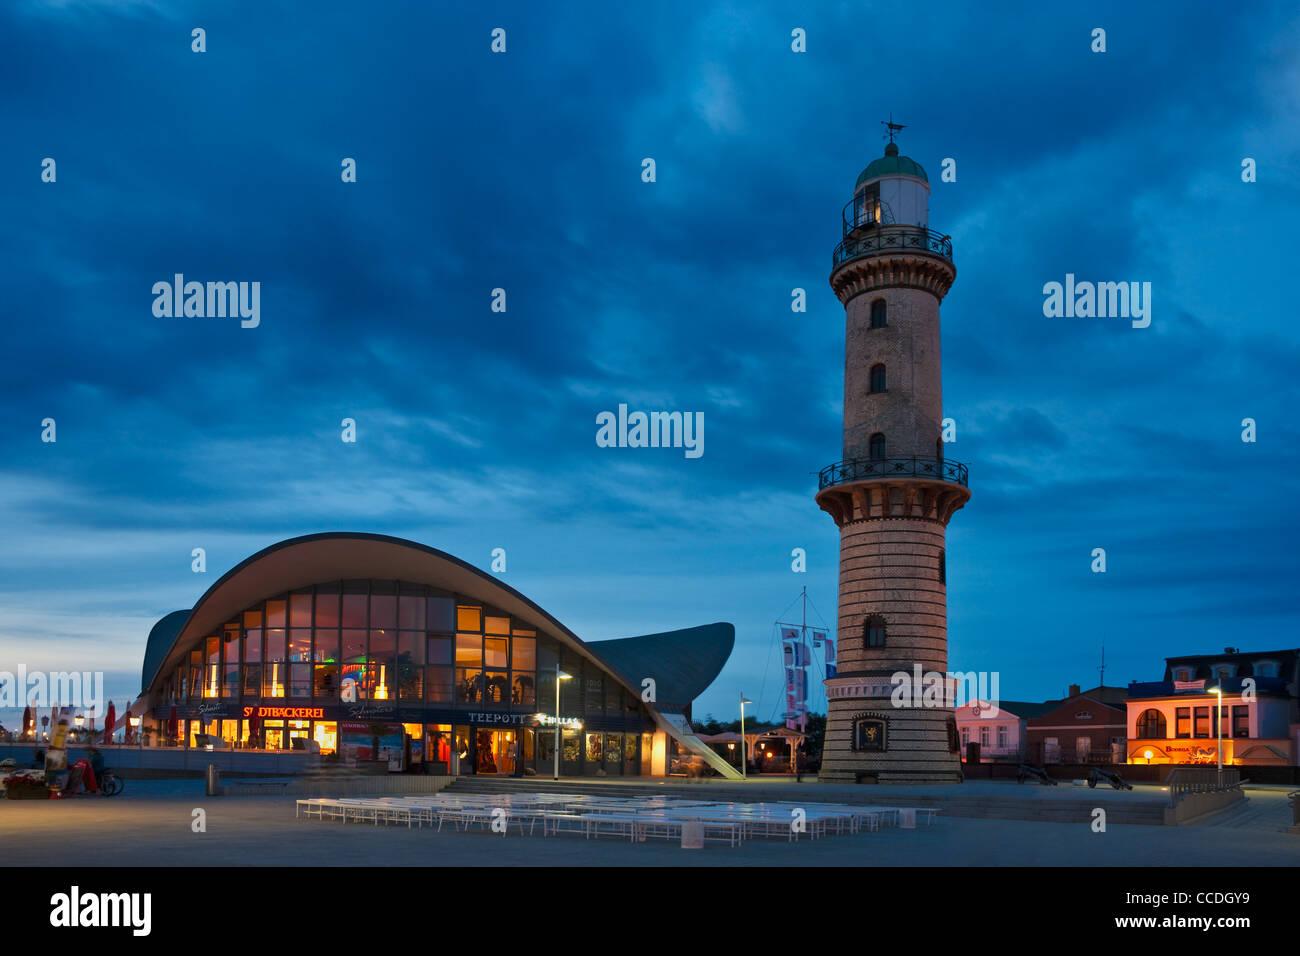 Alter Leuchtturm ein Milchkännchen-Gebäude in Rostock-Warnemünde bei Nacht, Rostock, Mecklenburg Stockbild